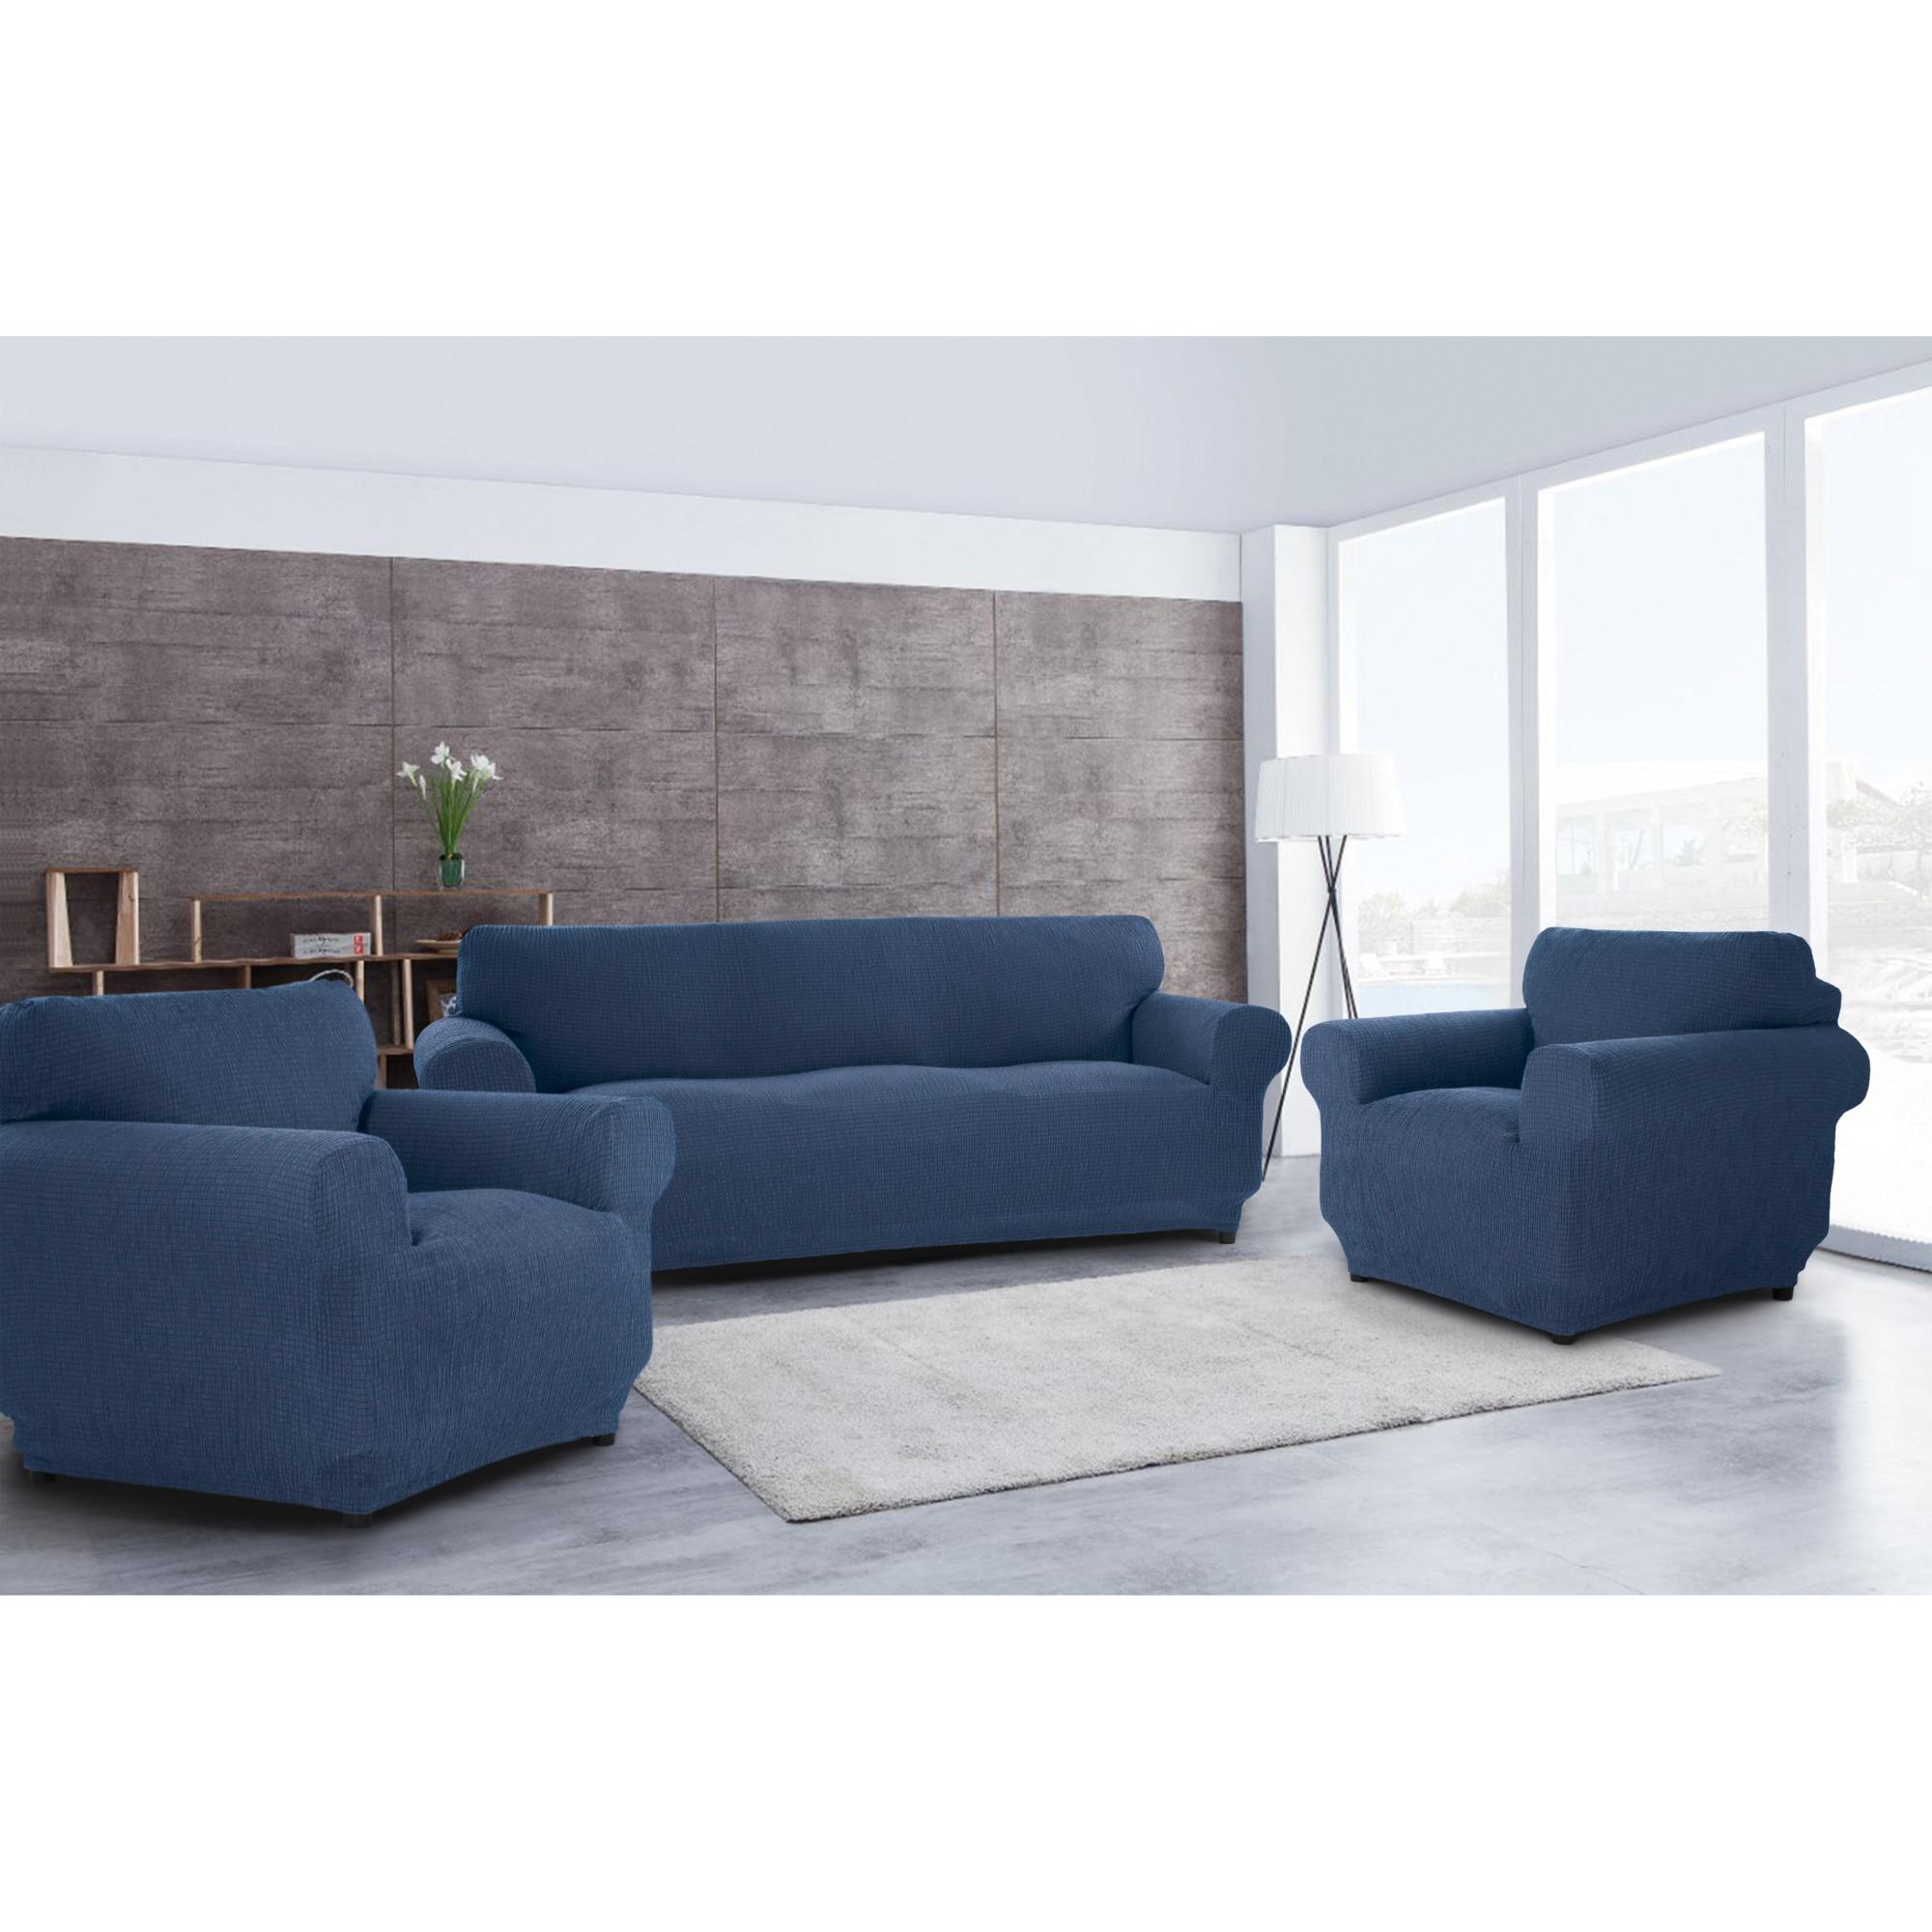 Fotografie Set huse elastice pentru canapea 3 locuri si 2 fotolii Kring Brilliante, 60% bumbac+ 35% poliester + 5% elastan, Albastru